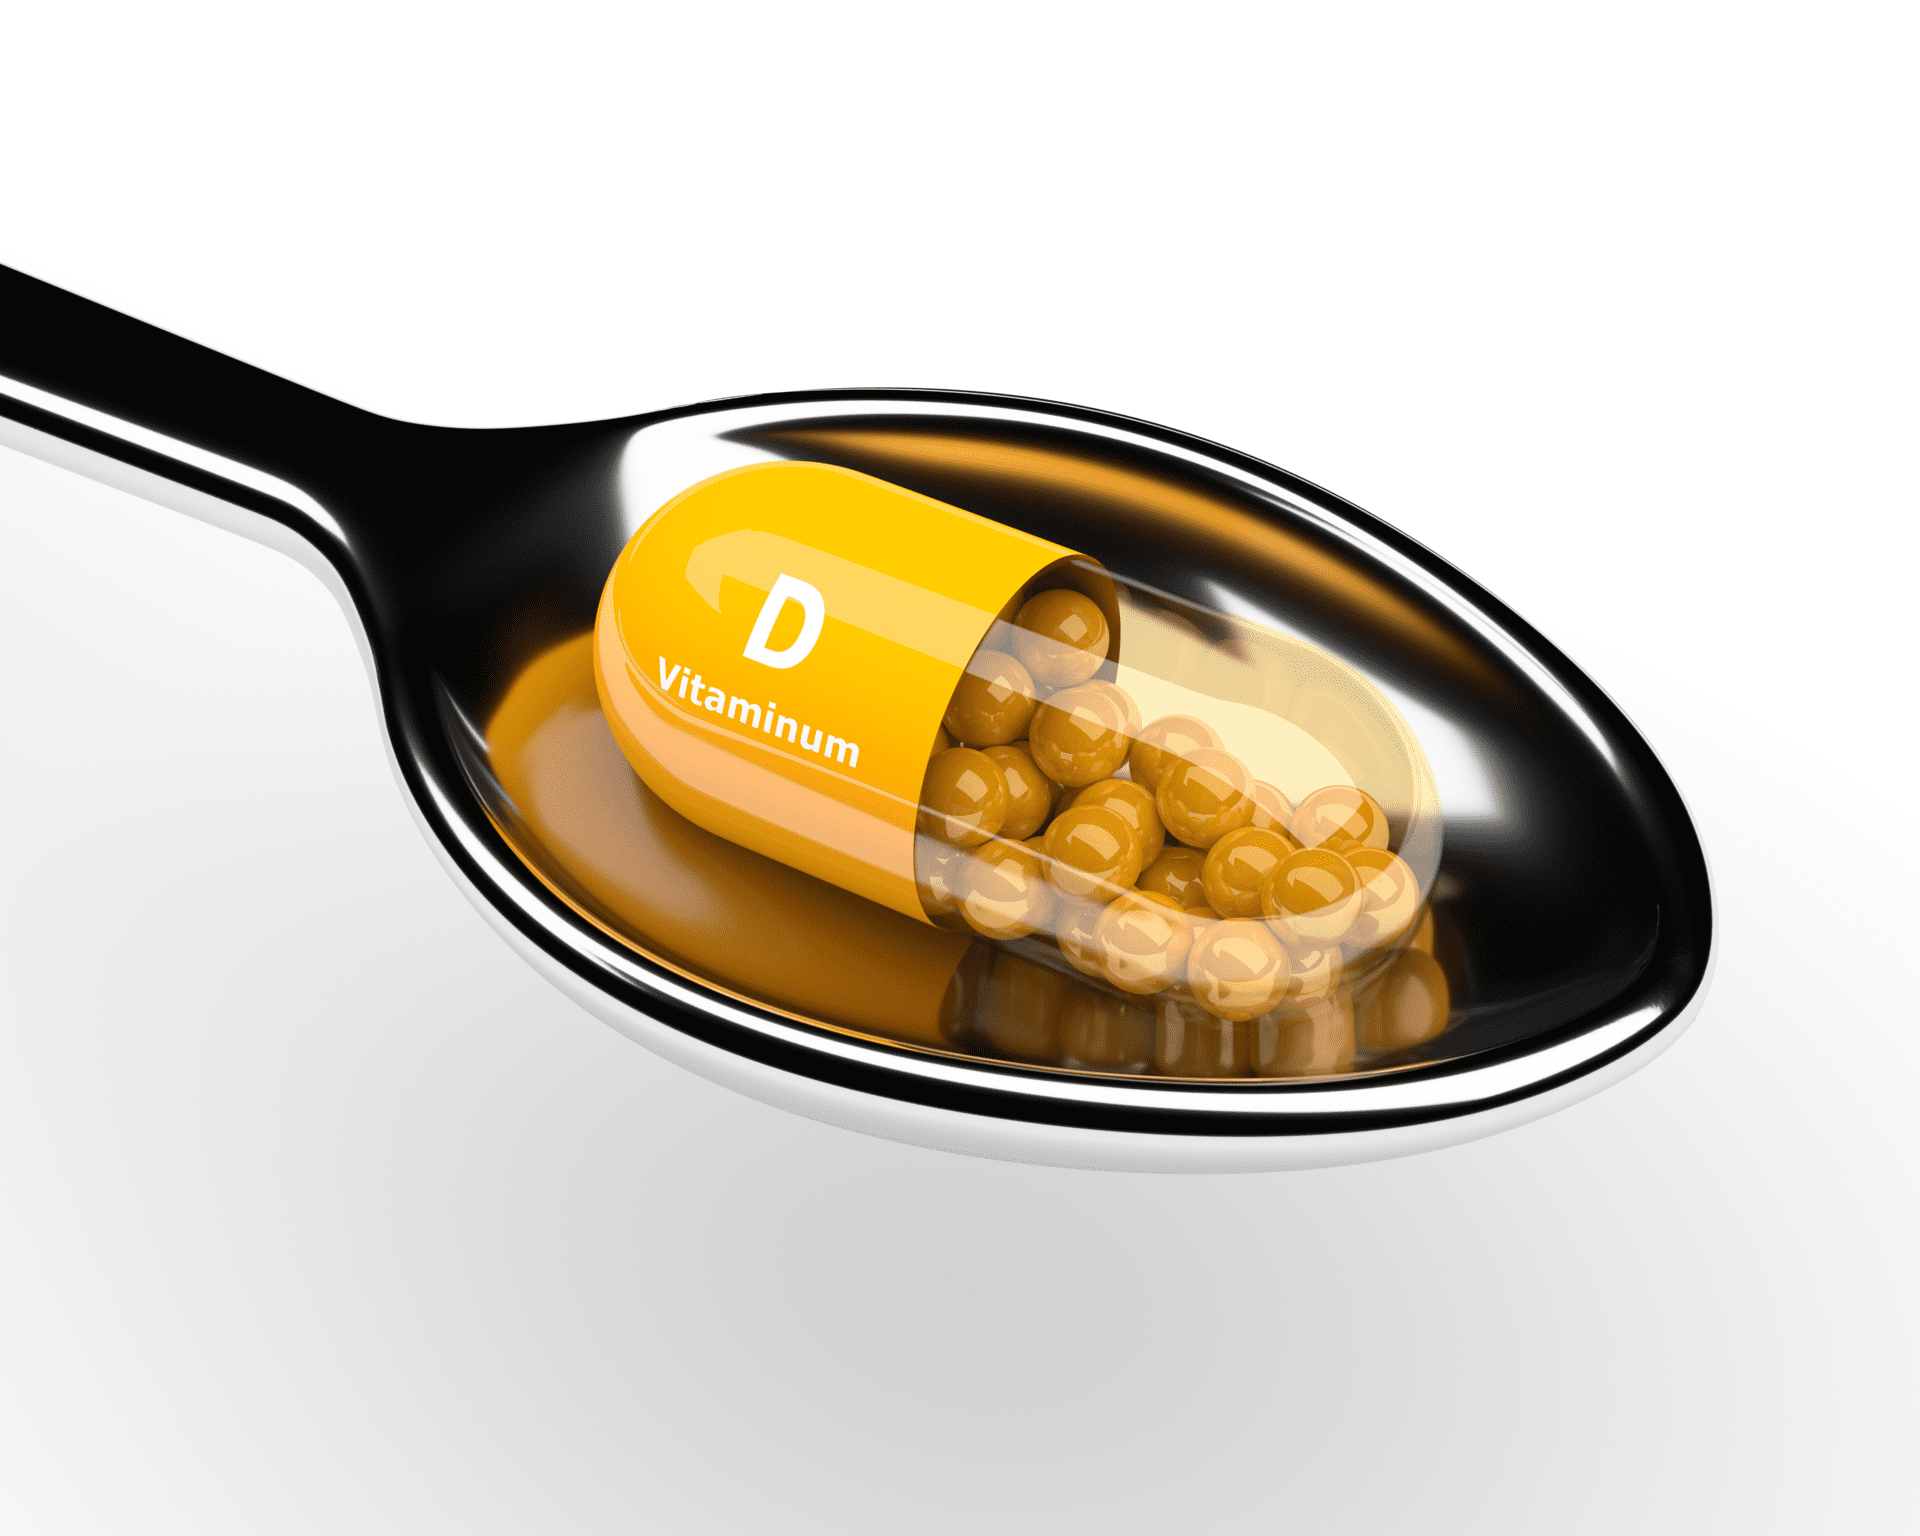 vitaminD